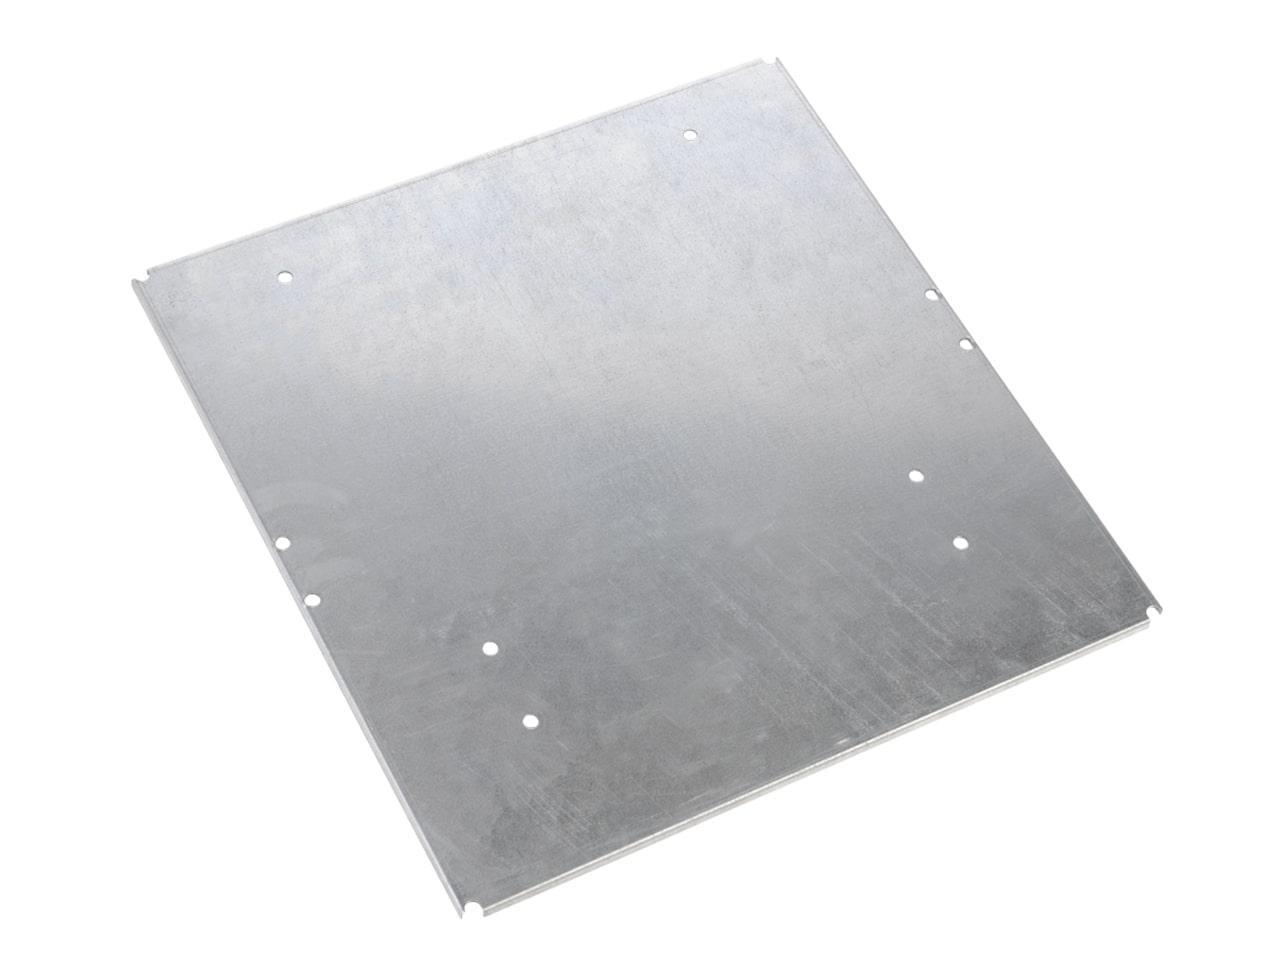 Изготовление металлических панелей по размерам заказчика